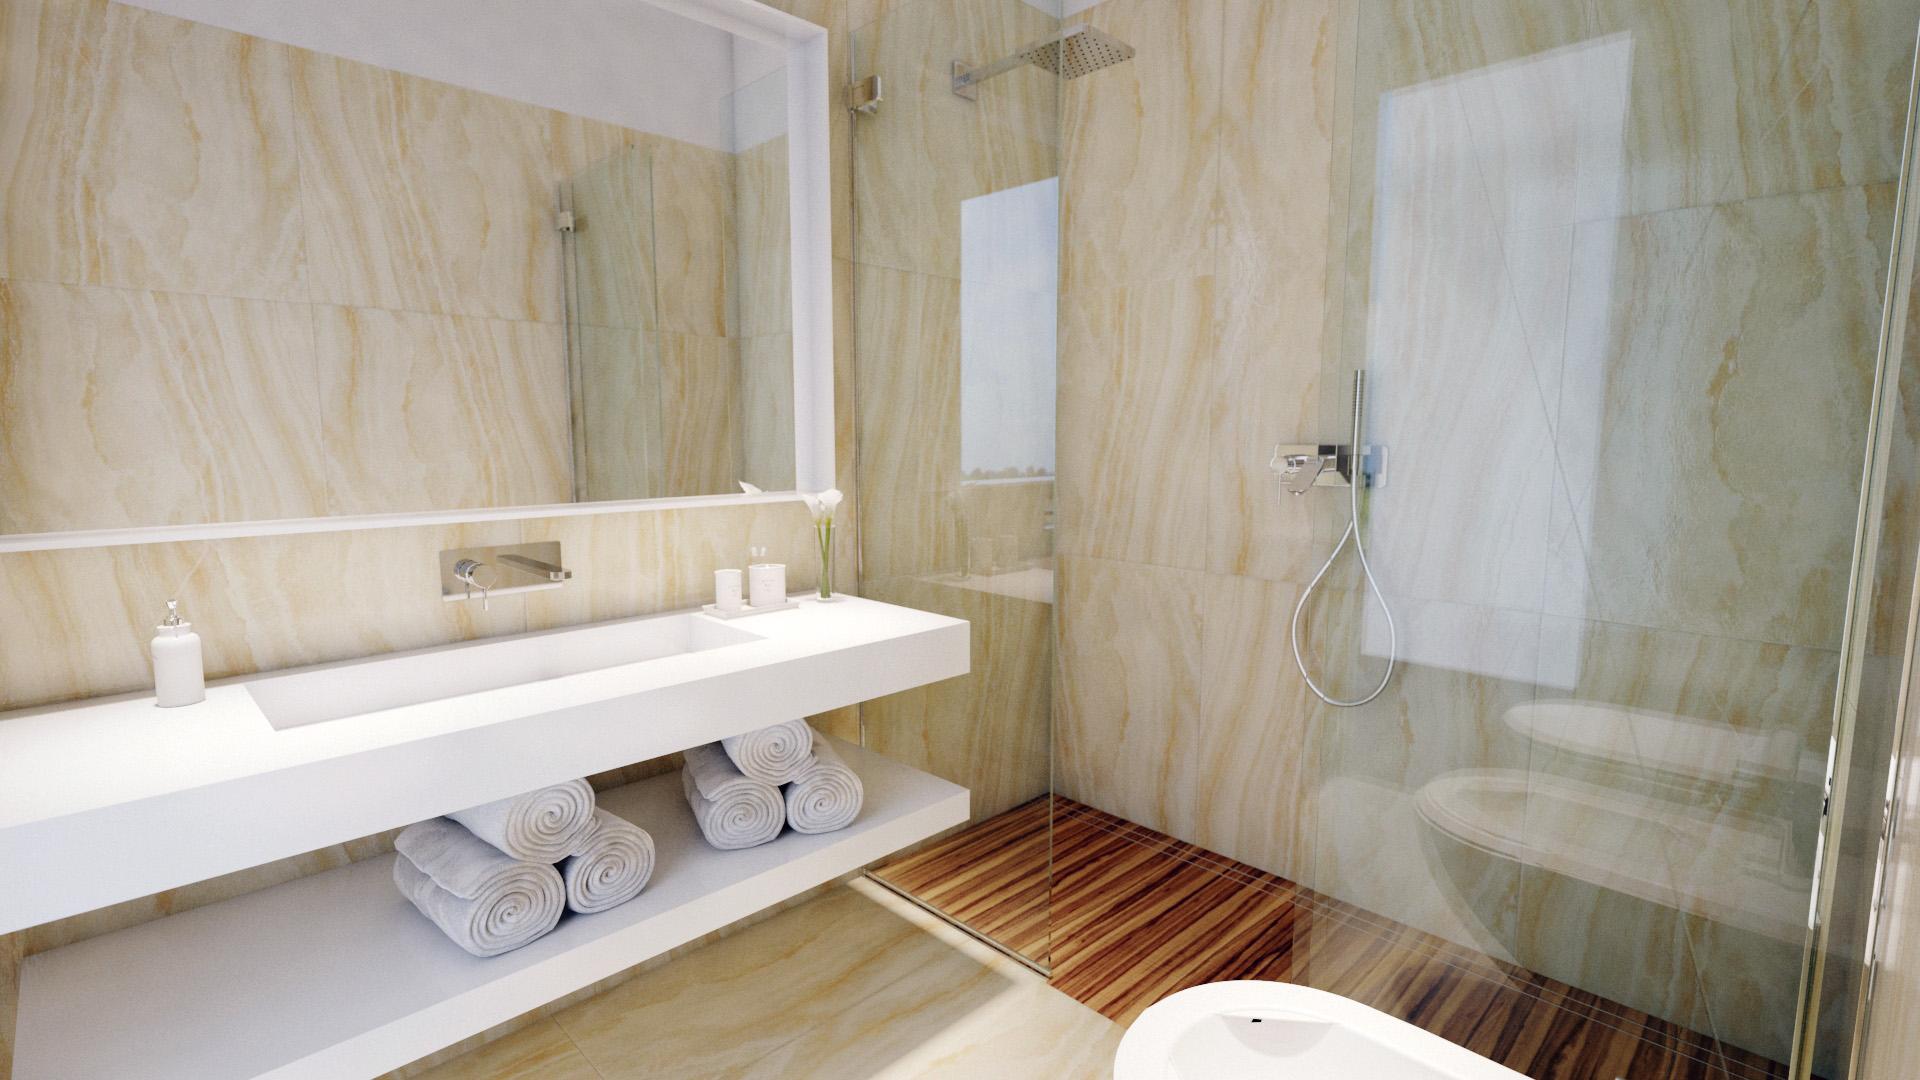 Studio Grafico Fattori_render interni_fotoinserimenti_hotel olivi_pizzi ceramiche